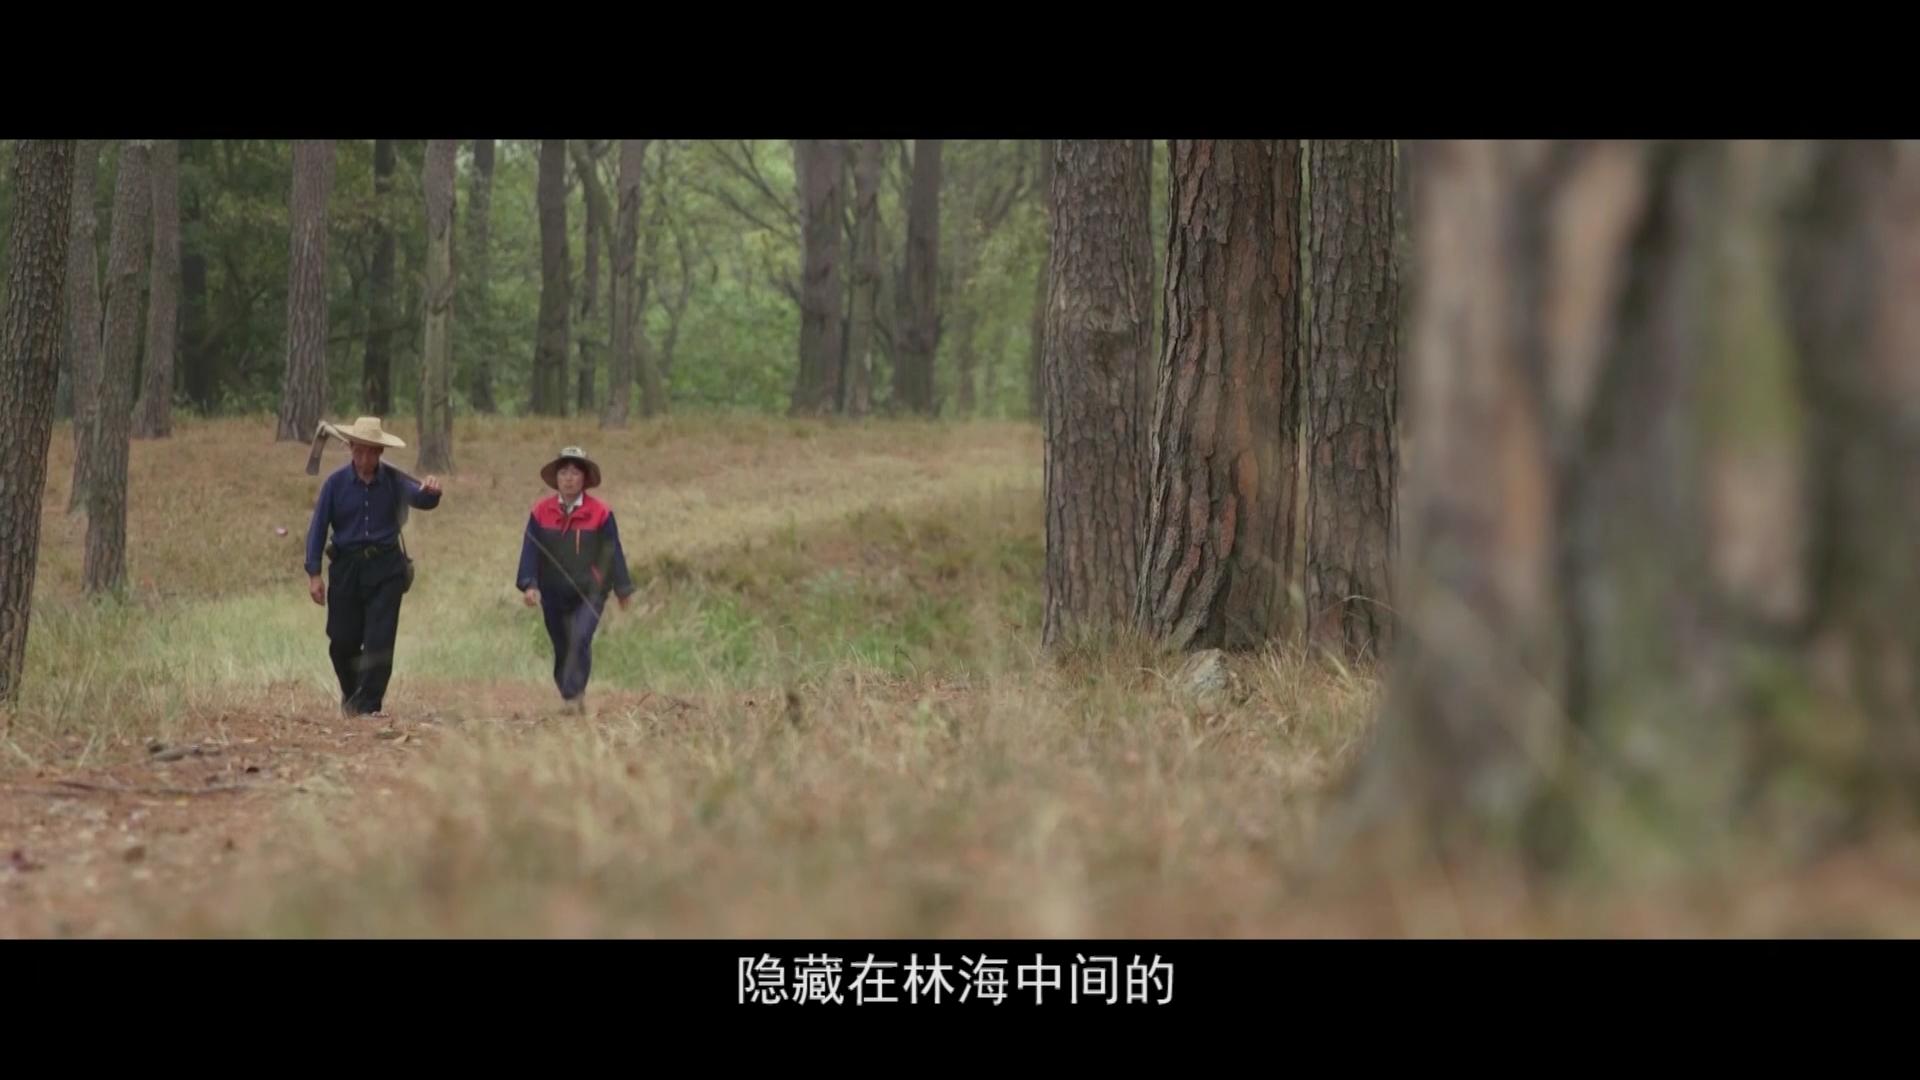 皇甫山:四代人的绿色守望(高青旺、高红)[00_06_16][20200116-084254].png